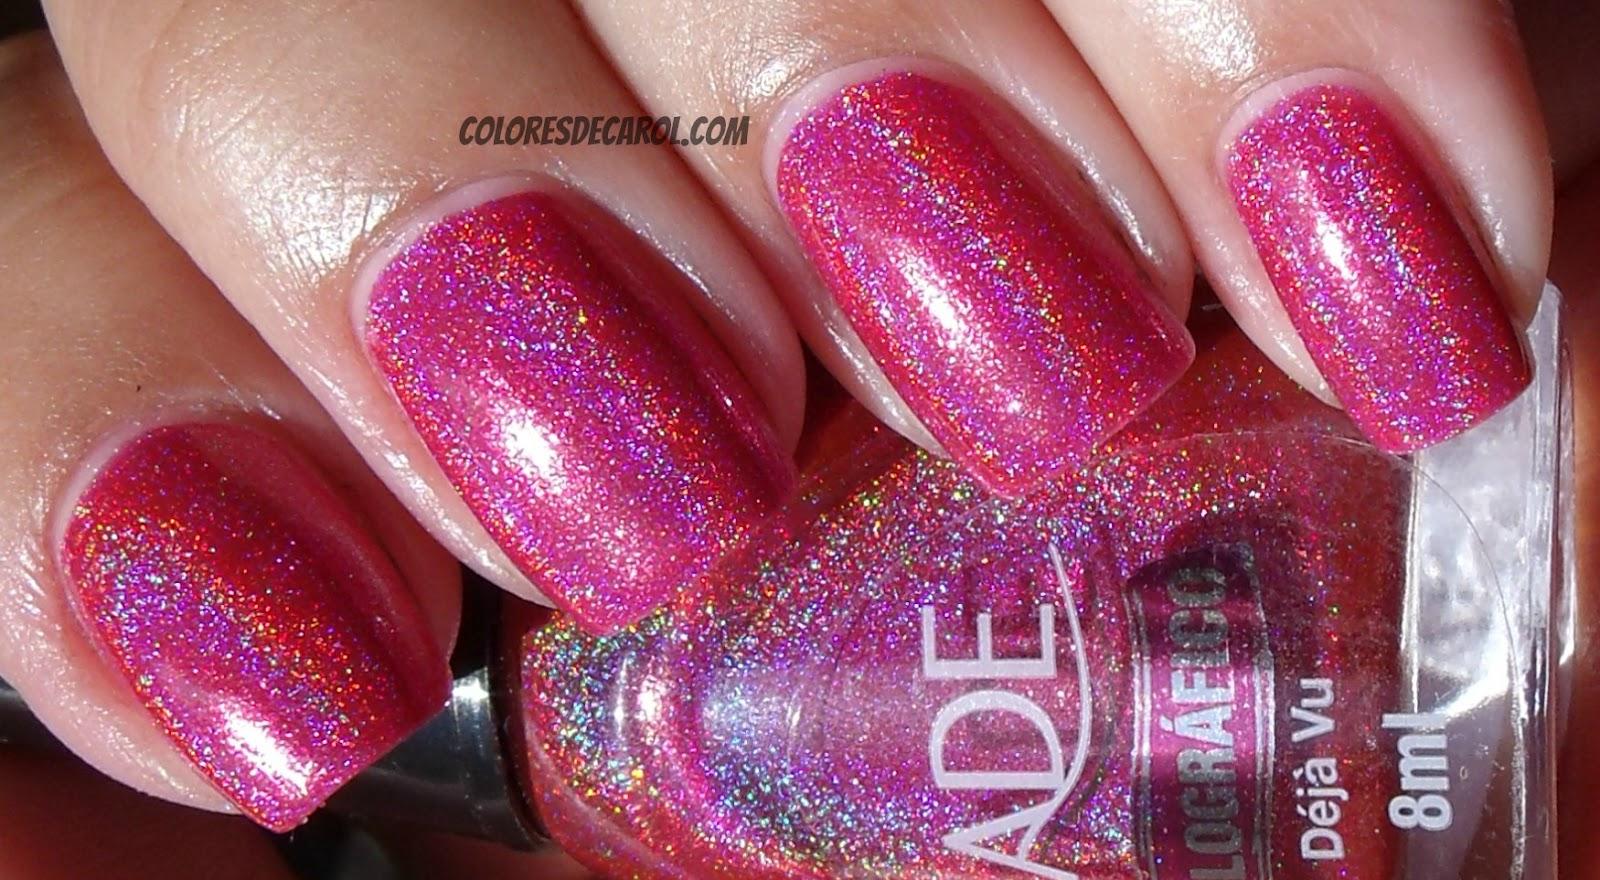 Jade Deja Vu | Colores de Carol | Bloglovin\'